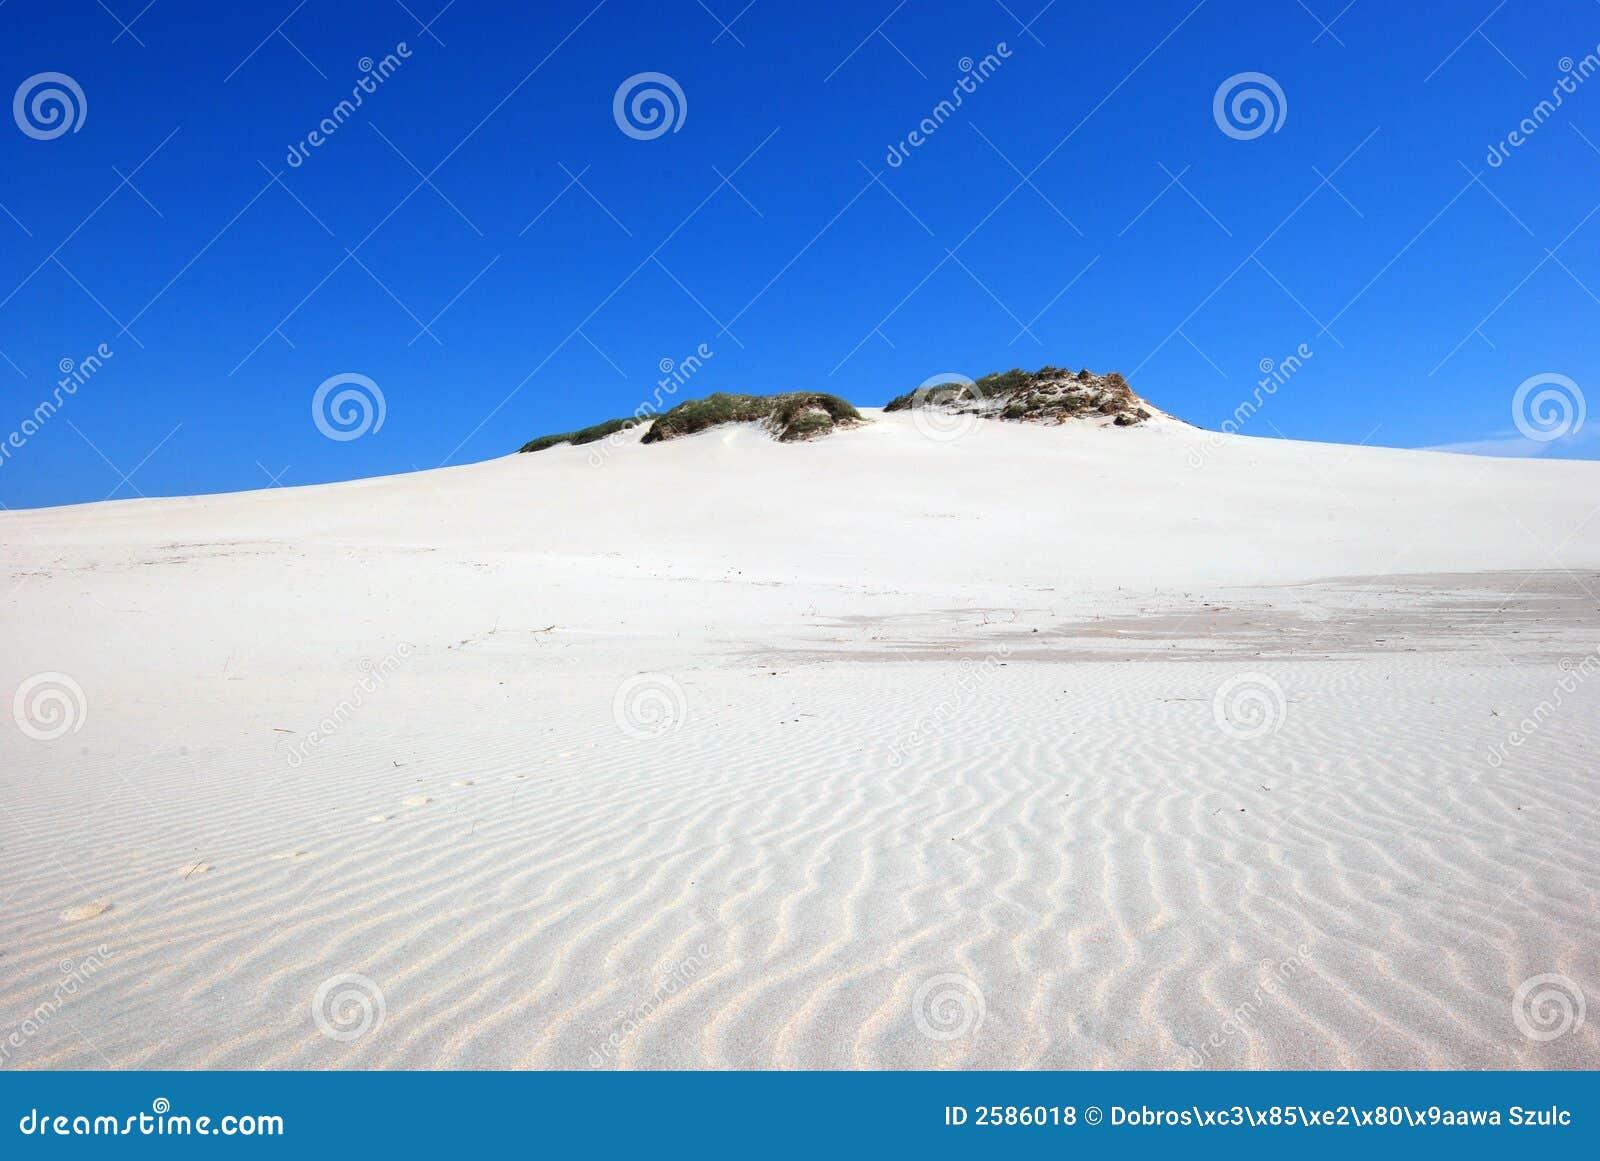 Zand duinen op de woestijn